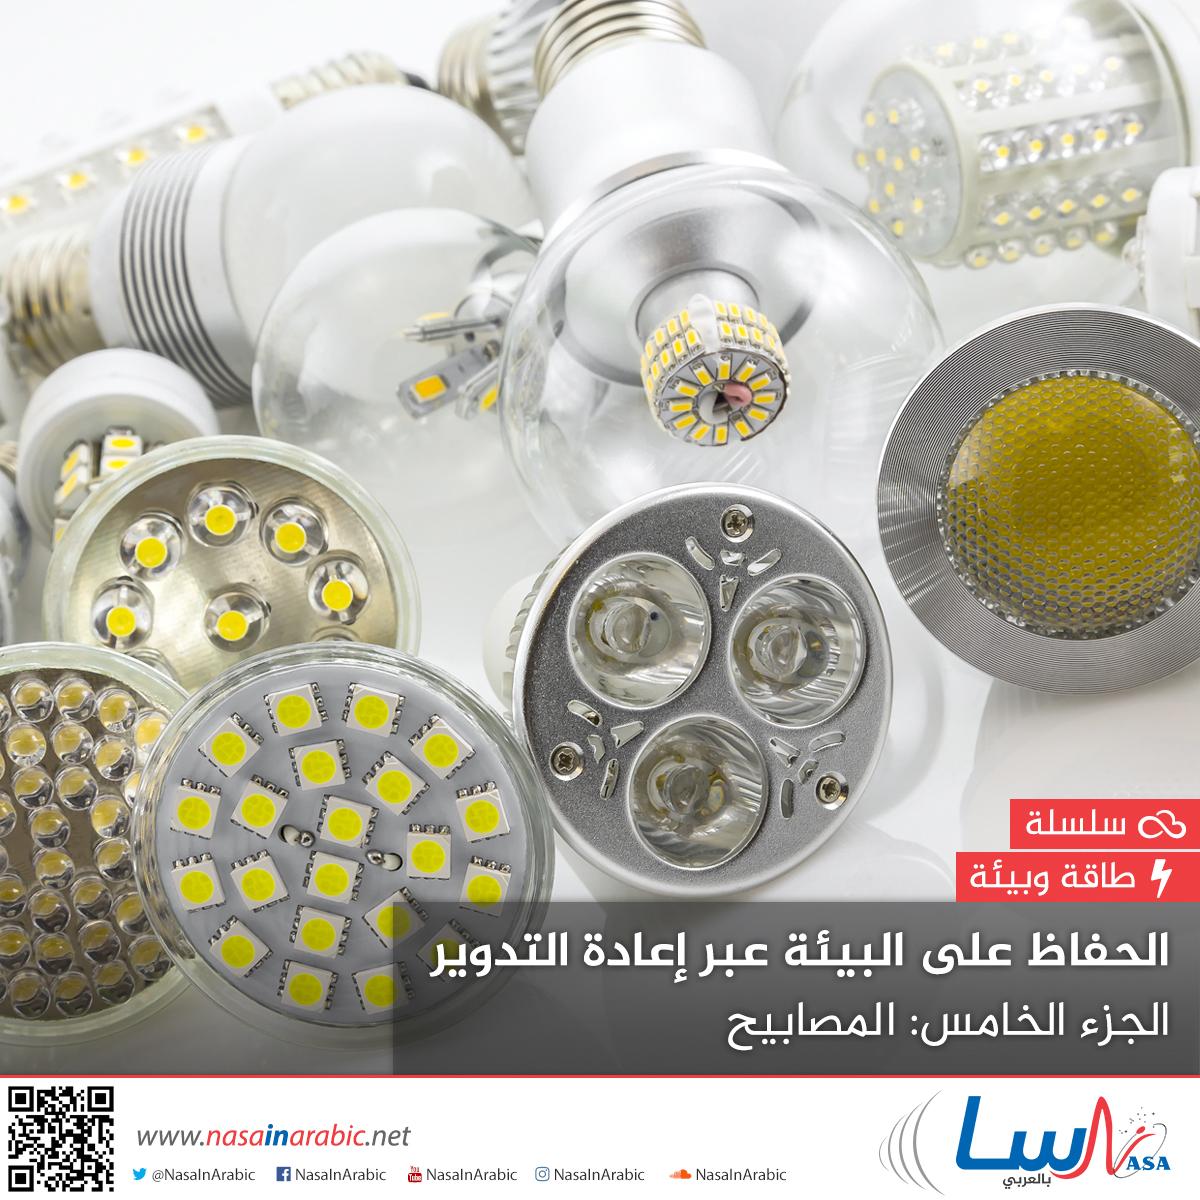 الحفاظ على البيئة عبر إعادة التدوير الجزء الخامس: المصابيح الكهربائية